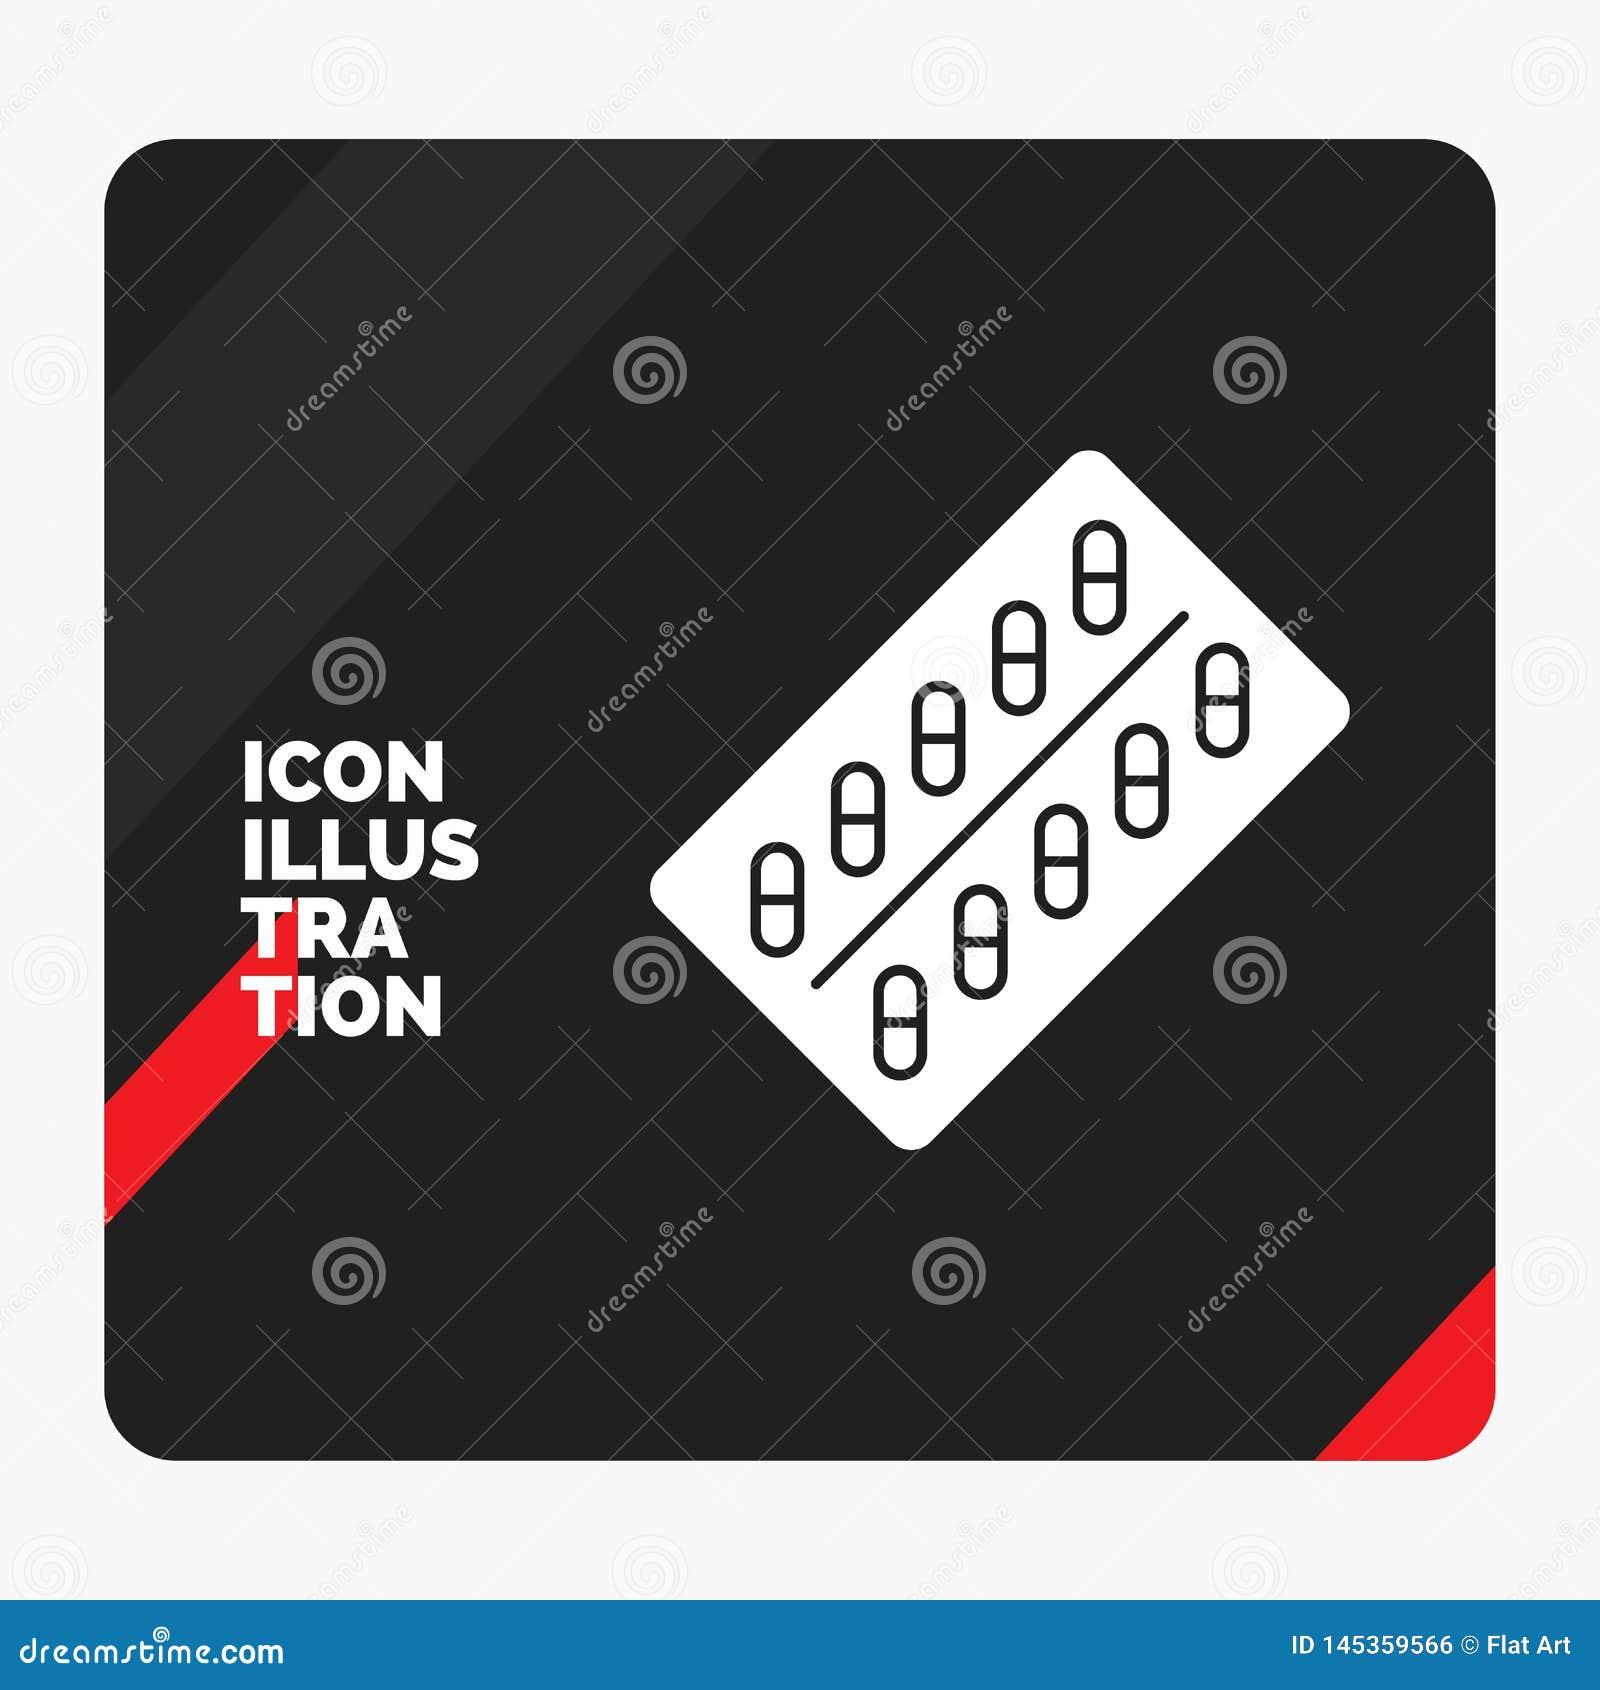 Fondo creativo rojo y negro de la presentación para la medicina, píldora, drogas, tableta, icono del Glyph del paquete